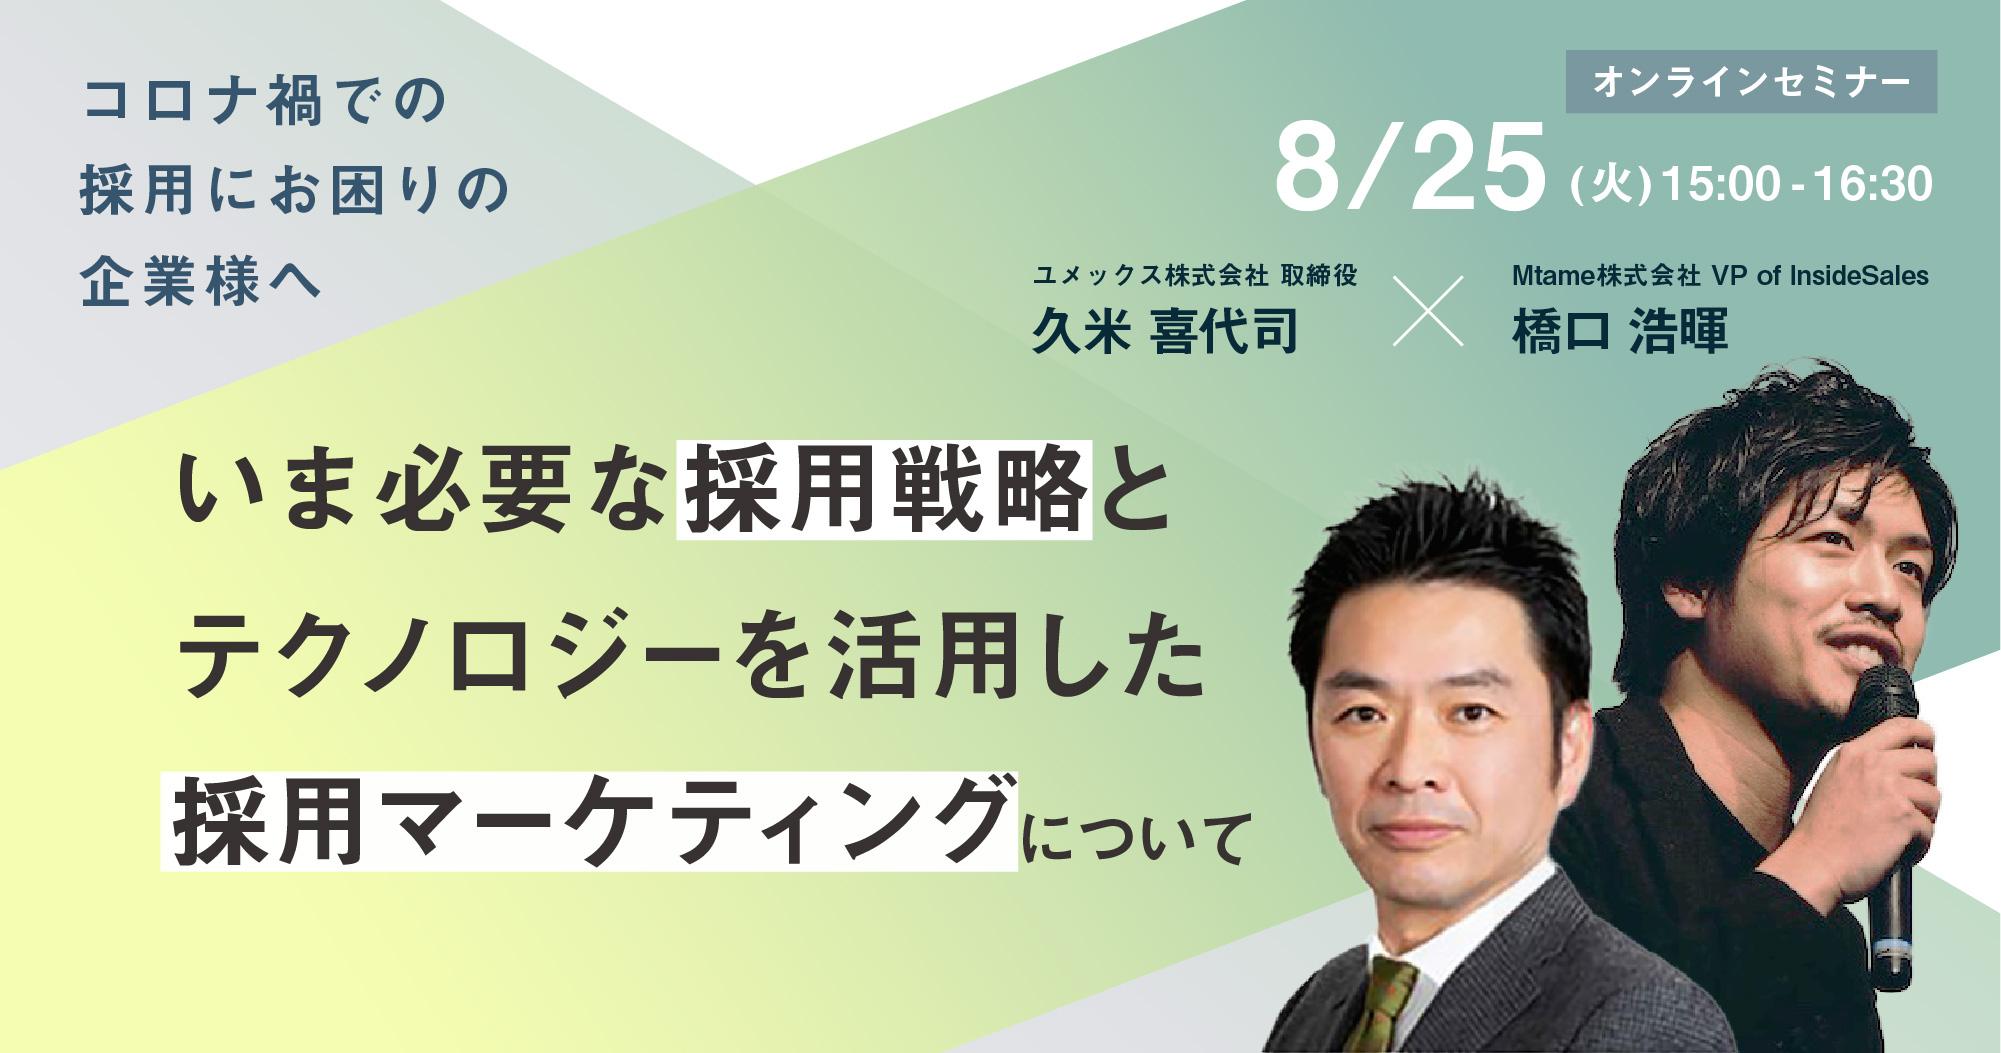 【8月25日(火)】[コロナ禍での採用にお困りの企業様へ]いま必要な採用戦略とテクノロジーを活用した採用マーケティングについて